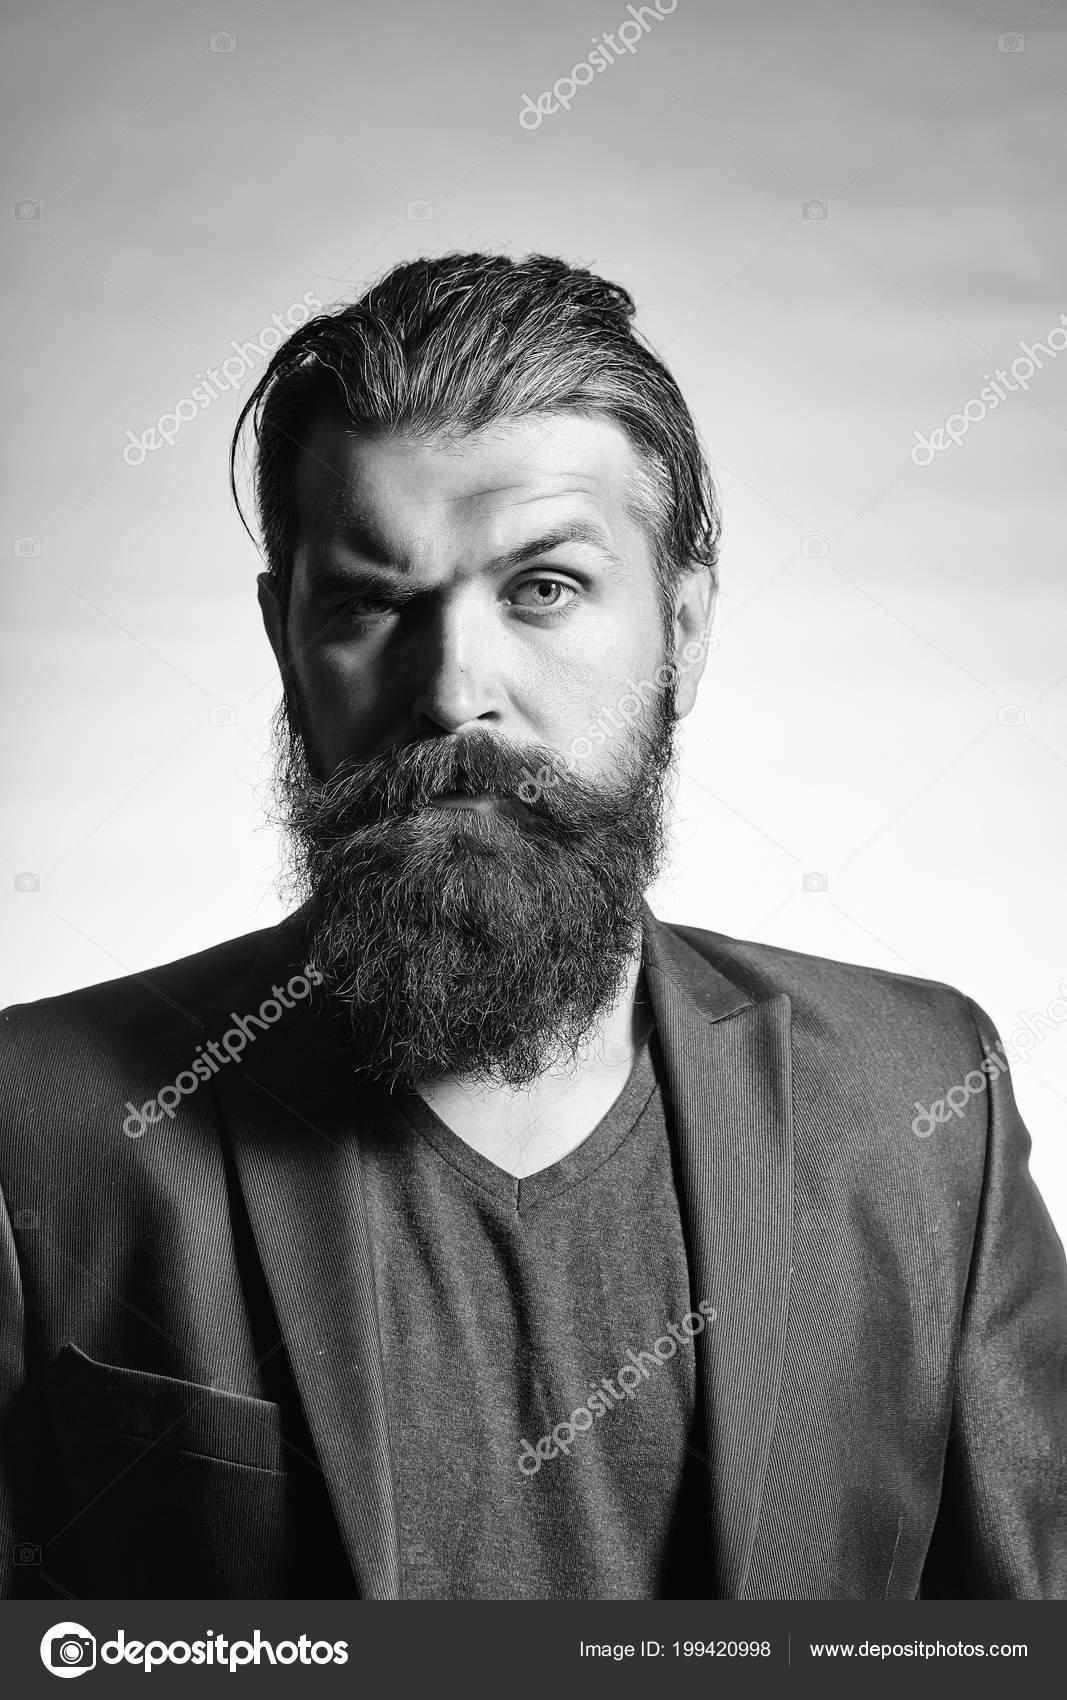 Estilo Y Peinado Para Hombre Hombre Guapo Con Barba En Chaqueta